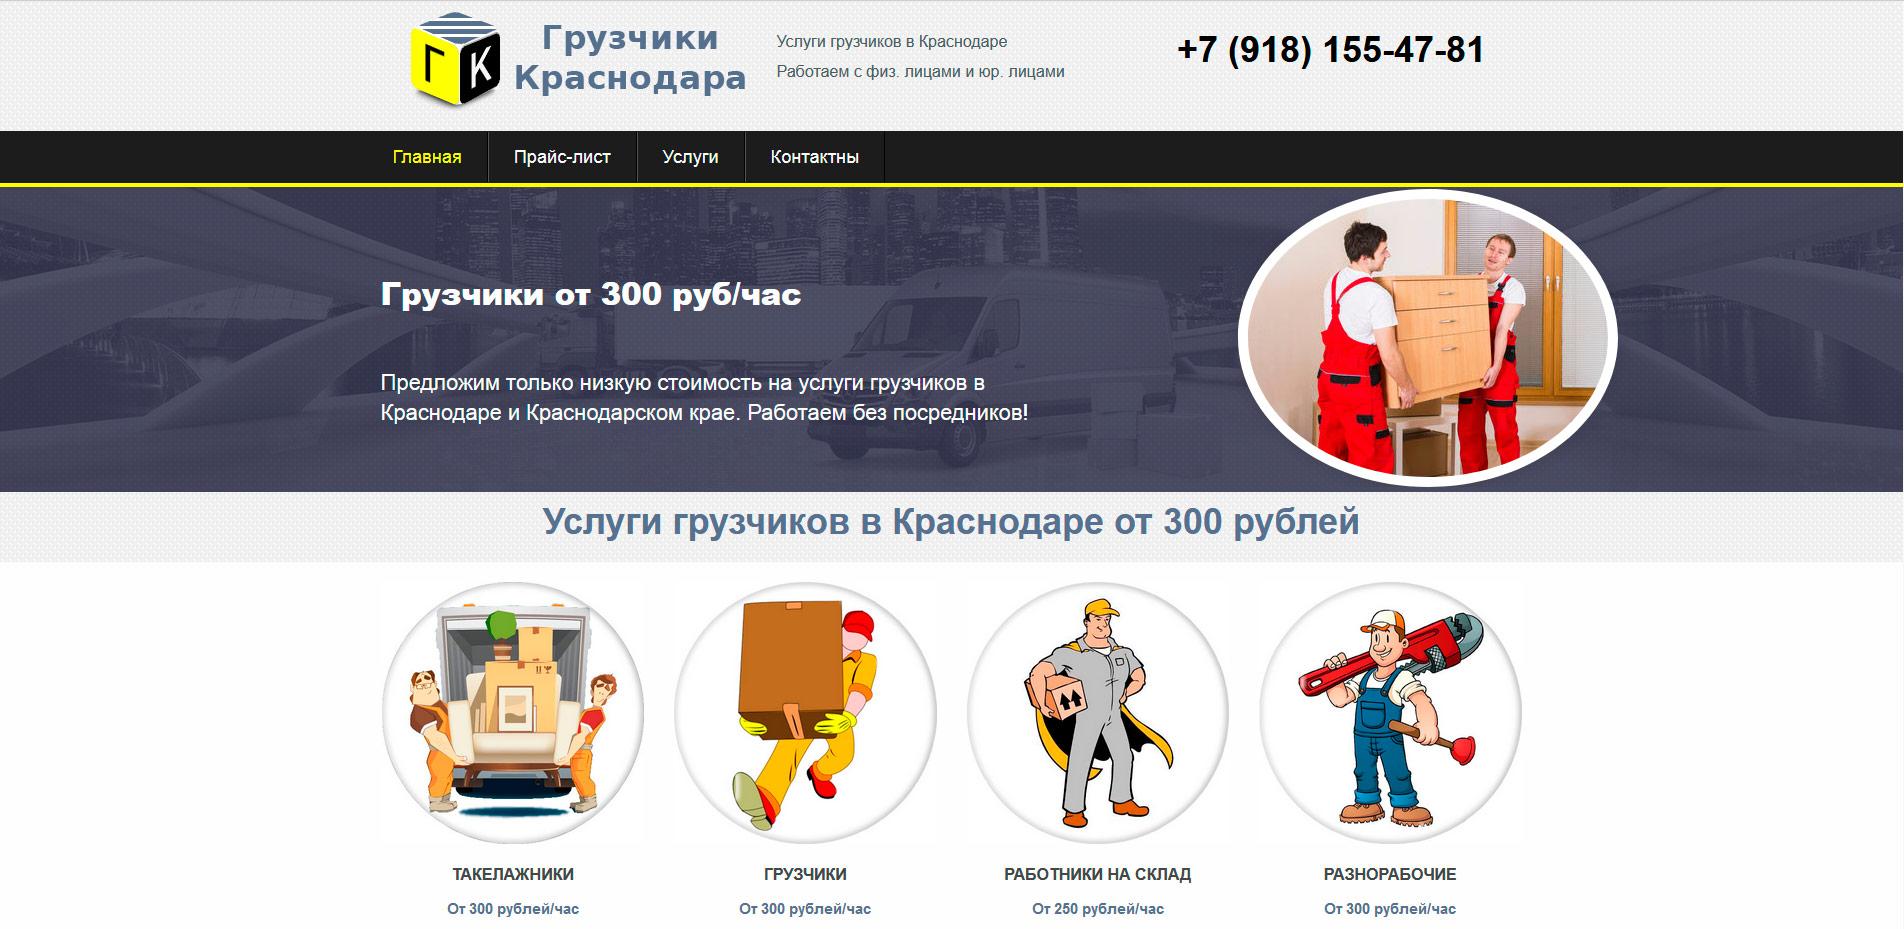 Грузчики Краснодара - gruzchiky-krasnodara.ru